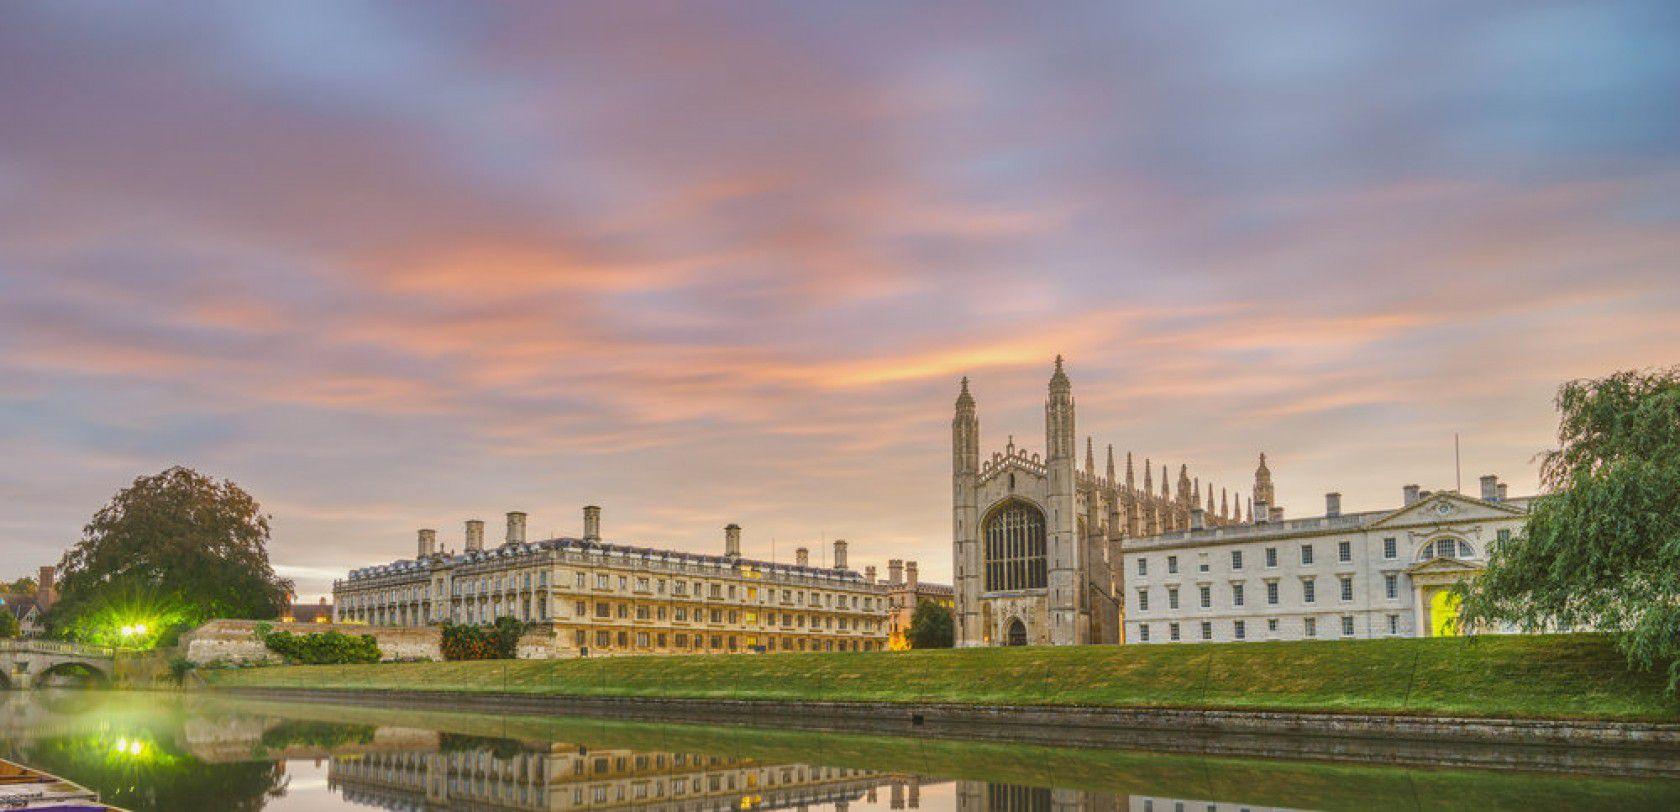 İngiltere Cambridge lise eğitimi almak